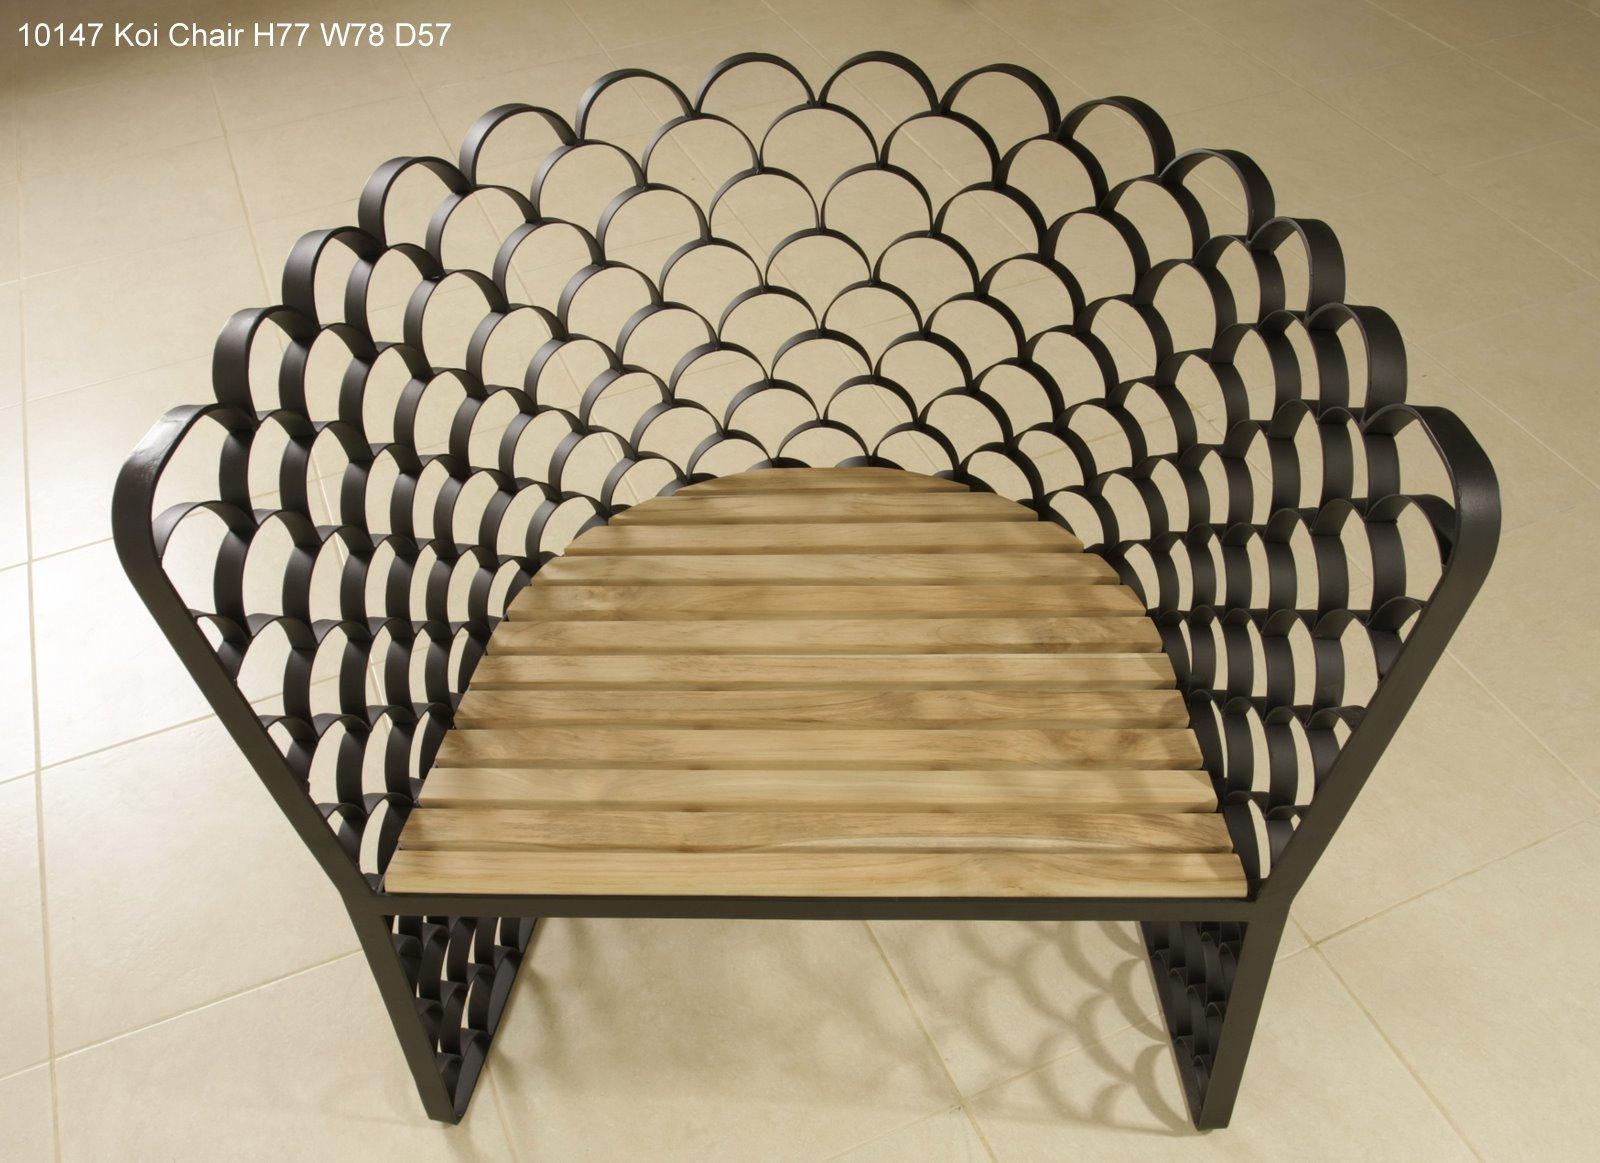 Koi chair_51.jpg